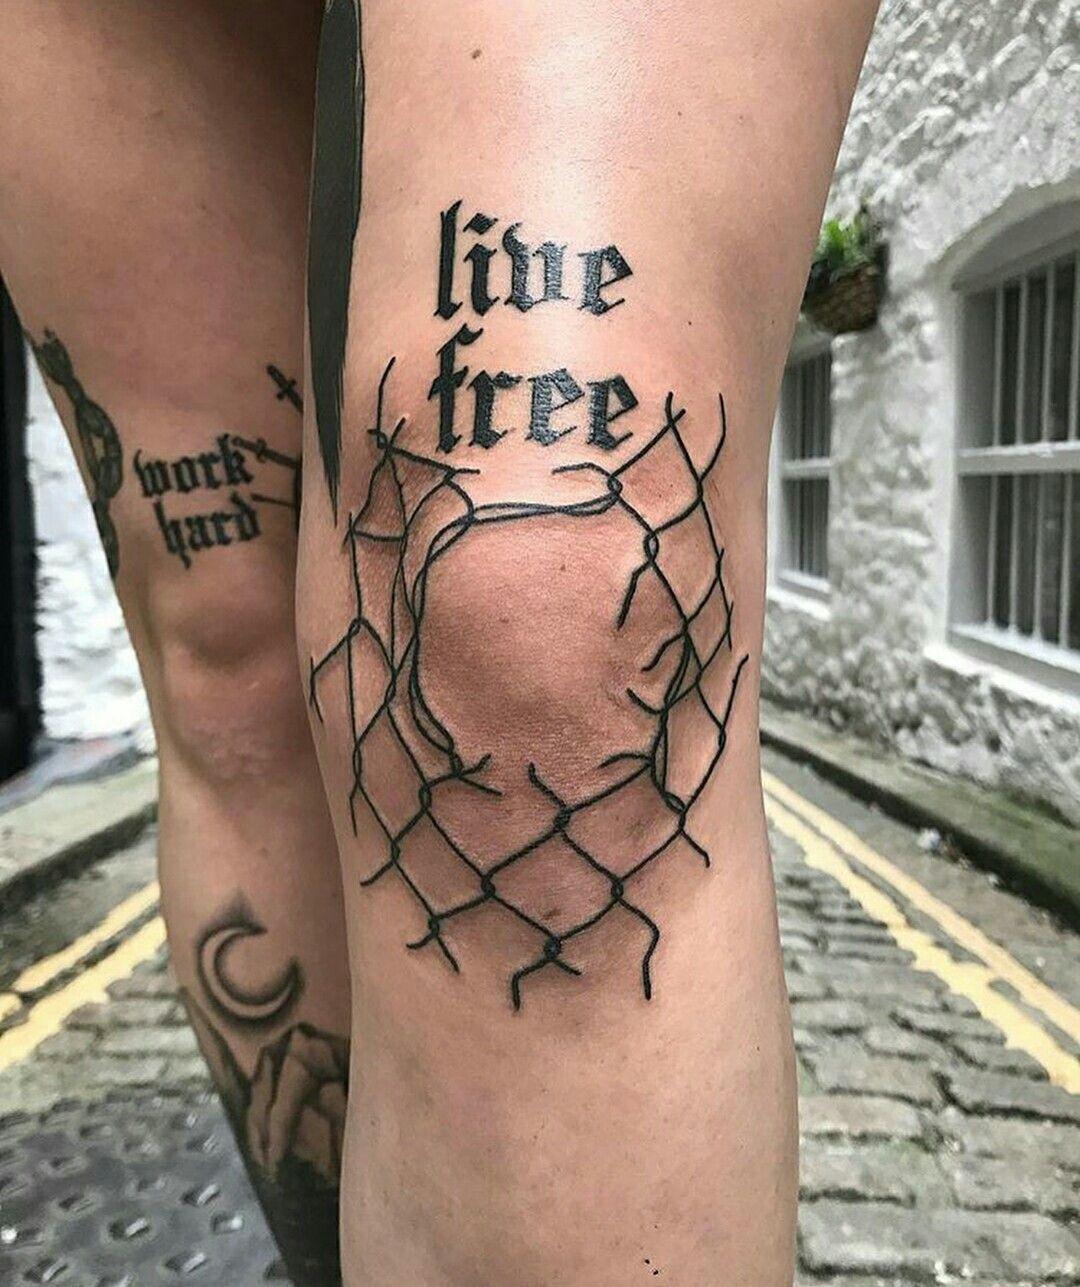 Pin De Daniela Silva Em Art Tatuagem No Joelho Inspiracao Para Tatuagem E Ideias De Tatuagens